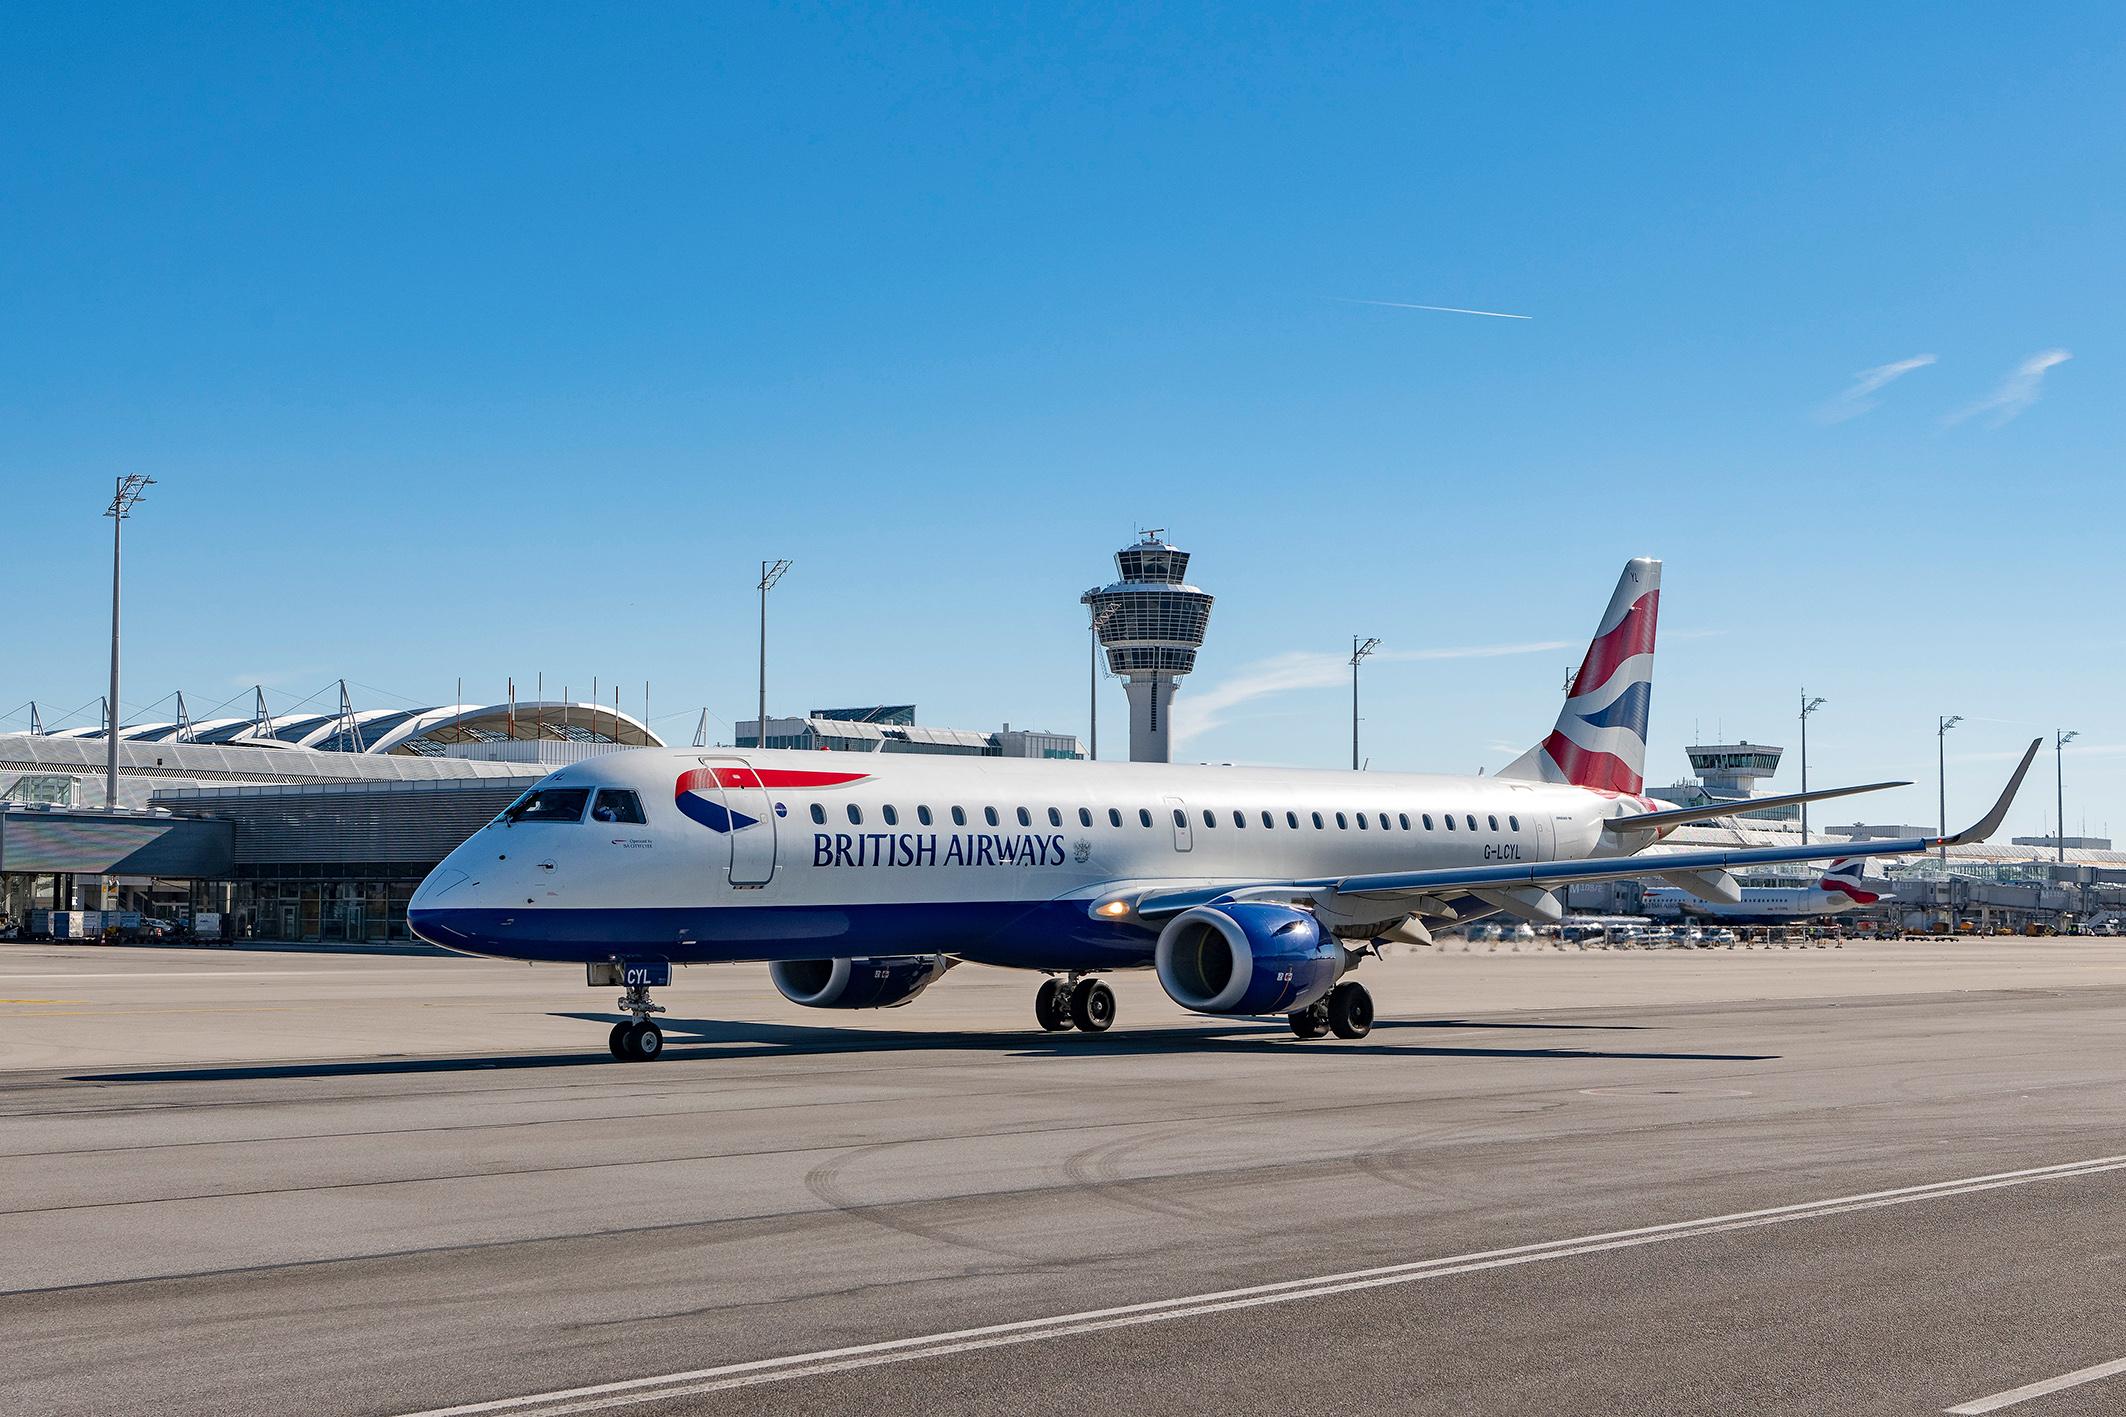 Neue Verbindung Ba Cityflyer Startet Täglich Von München